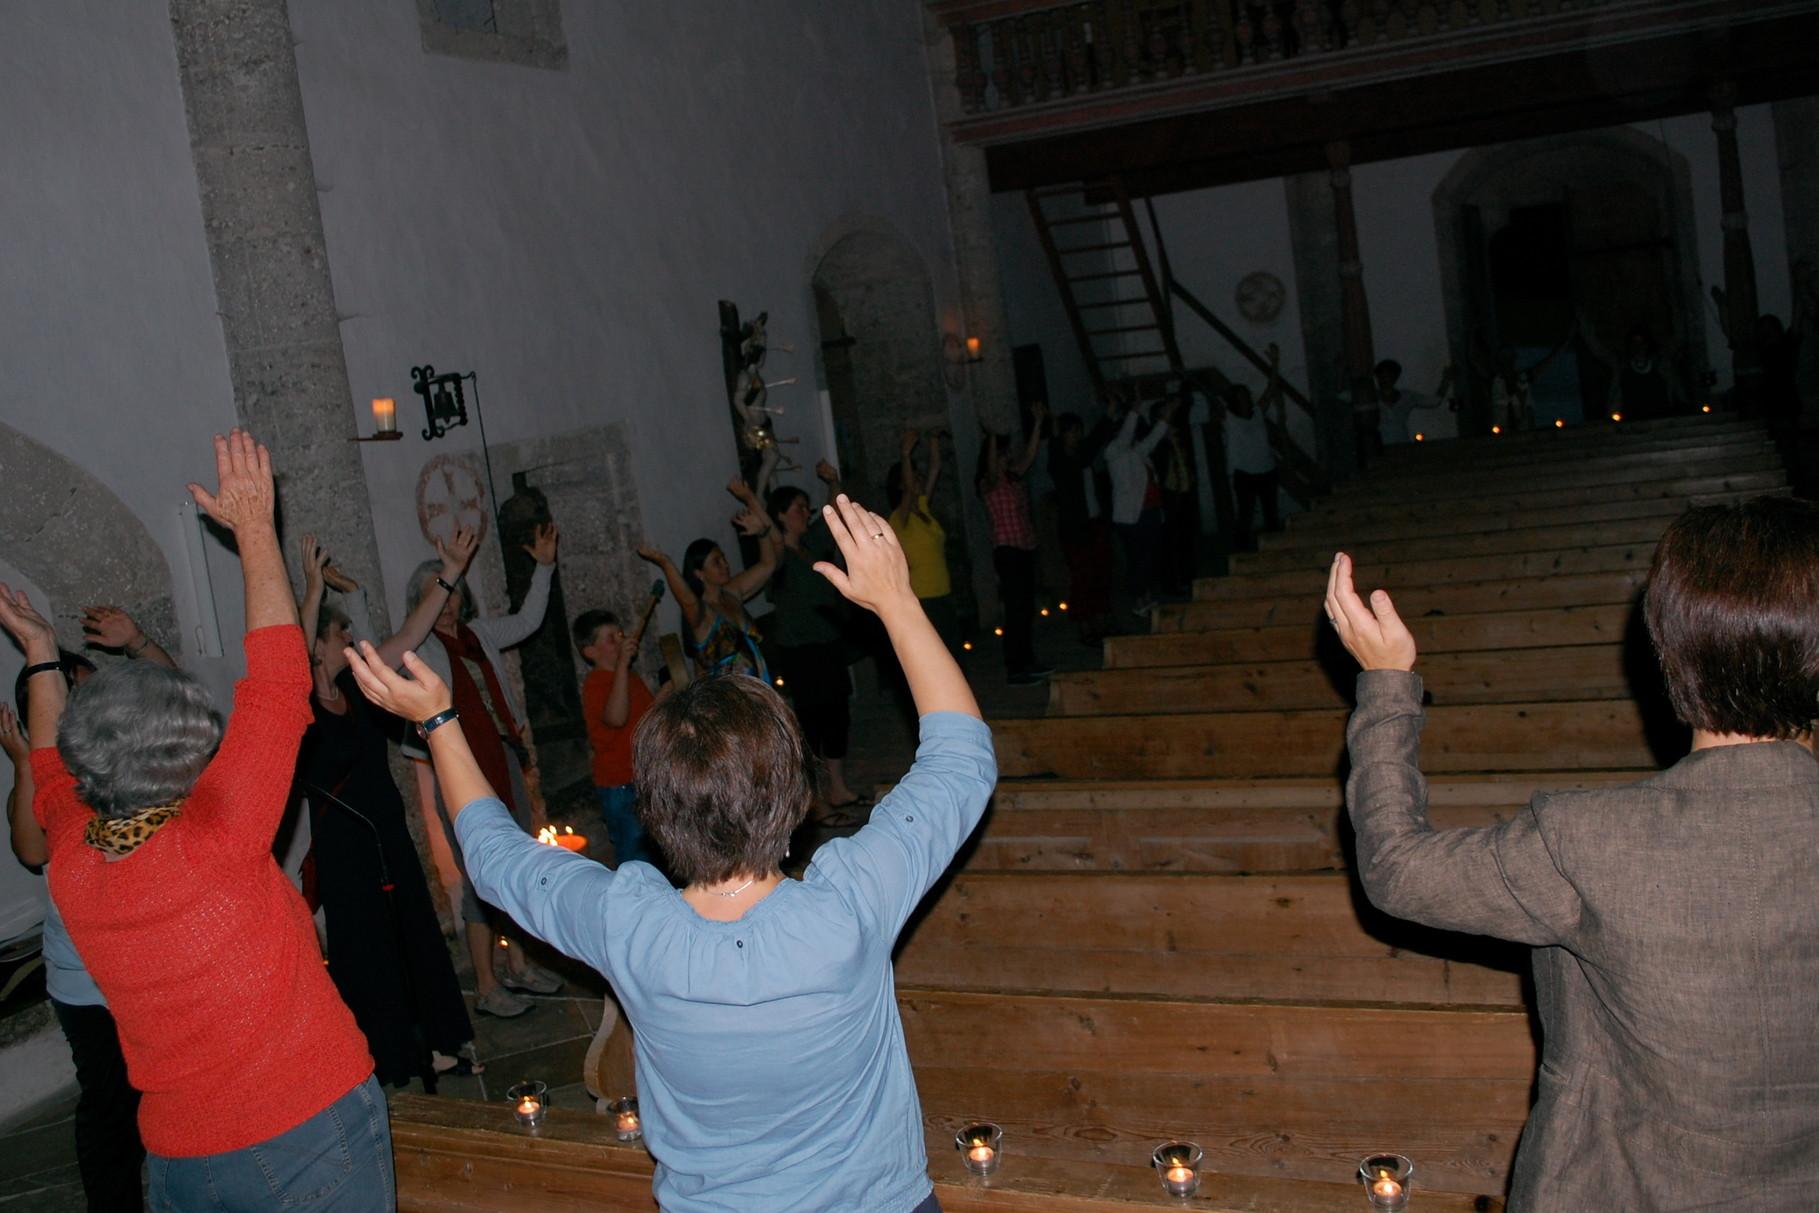 SOG 2012 St. Blasien :: Tanz zum Lied 'Fest verwurzelt in der Erde'